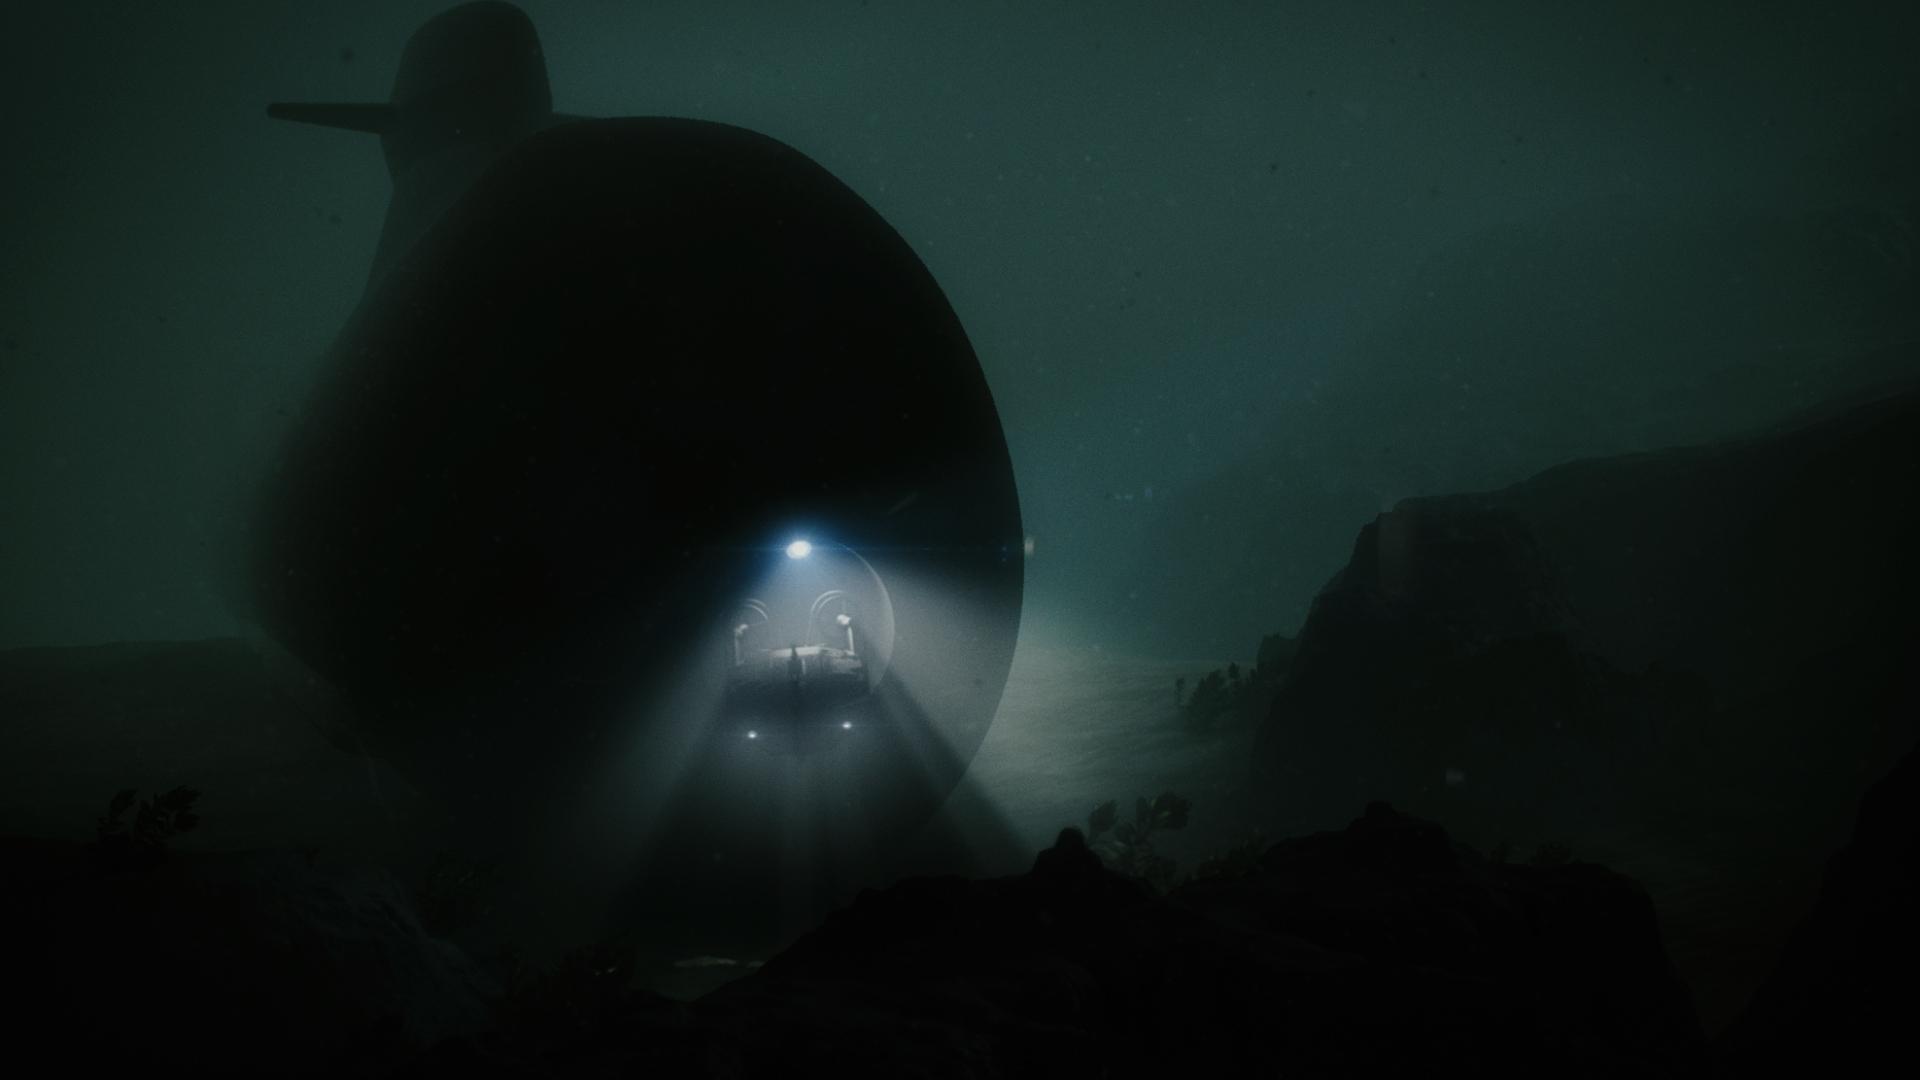 Kockums' A26 submarine